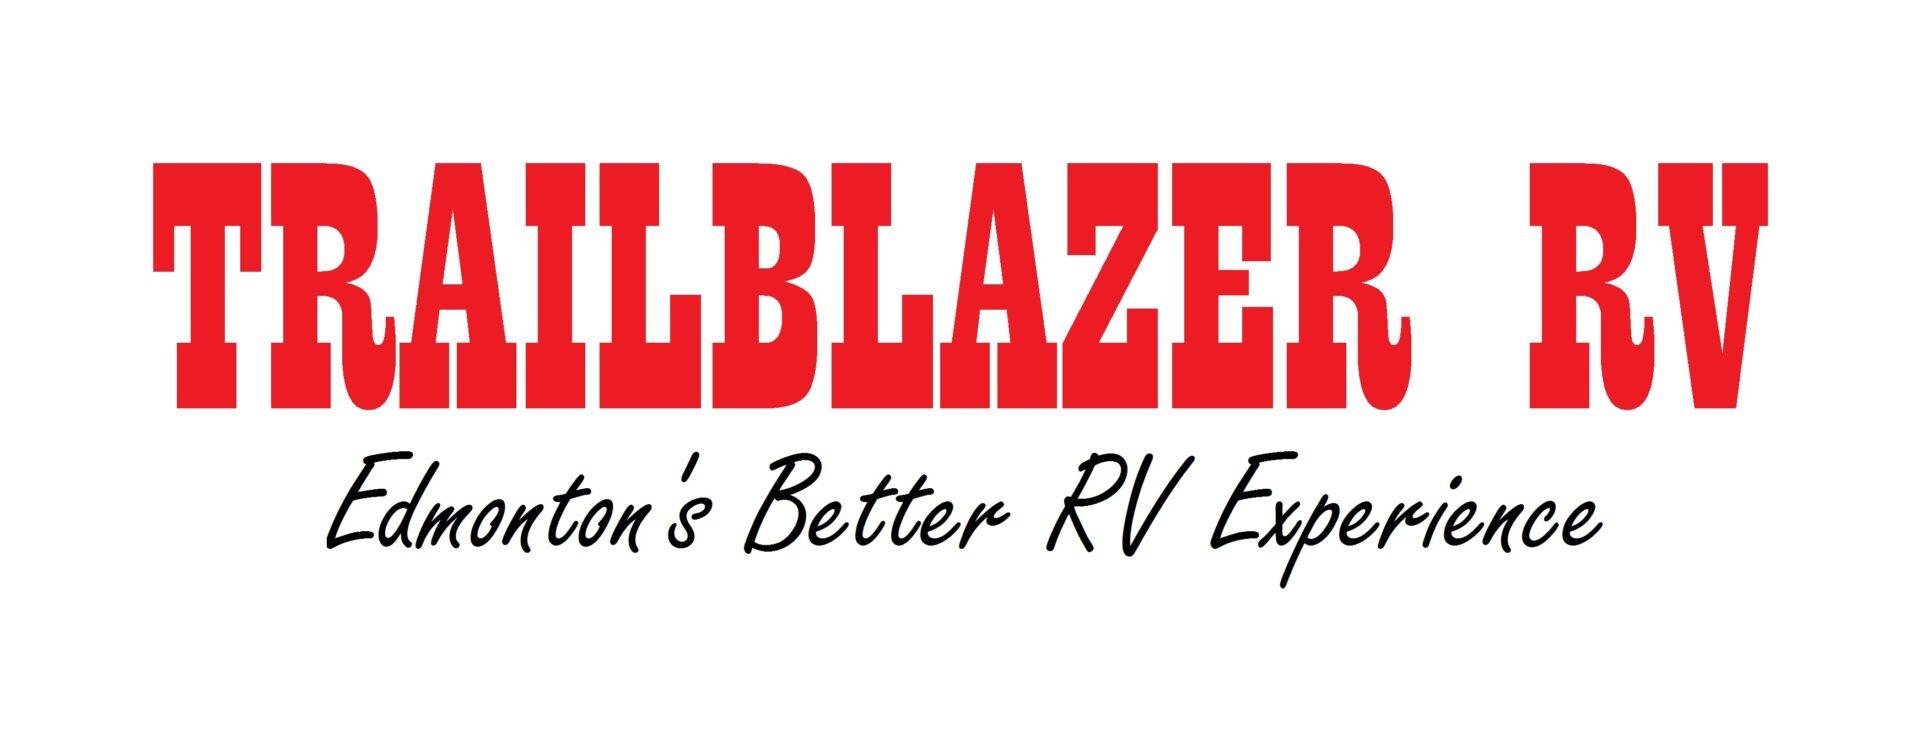 TBRV Better RV Experience